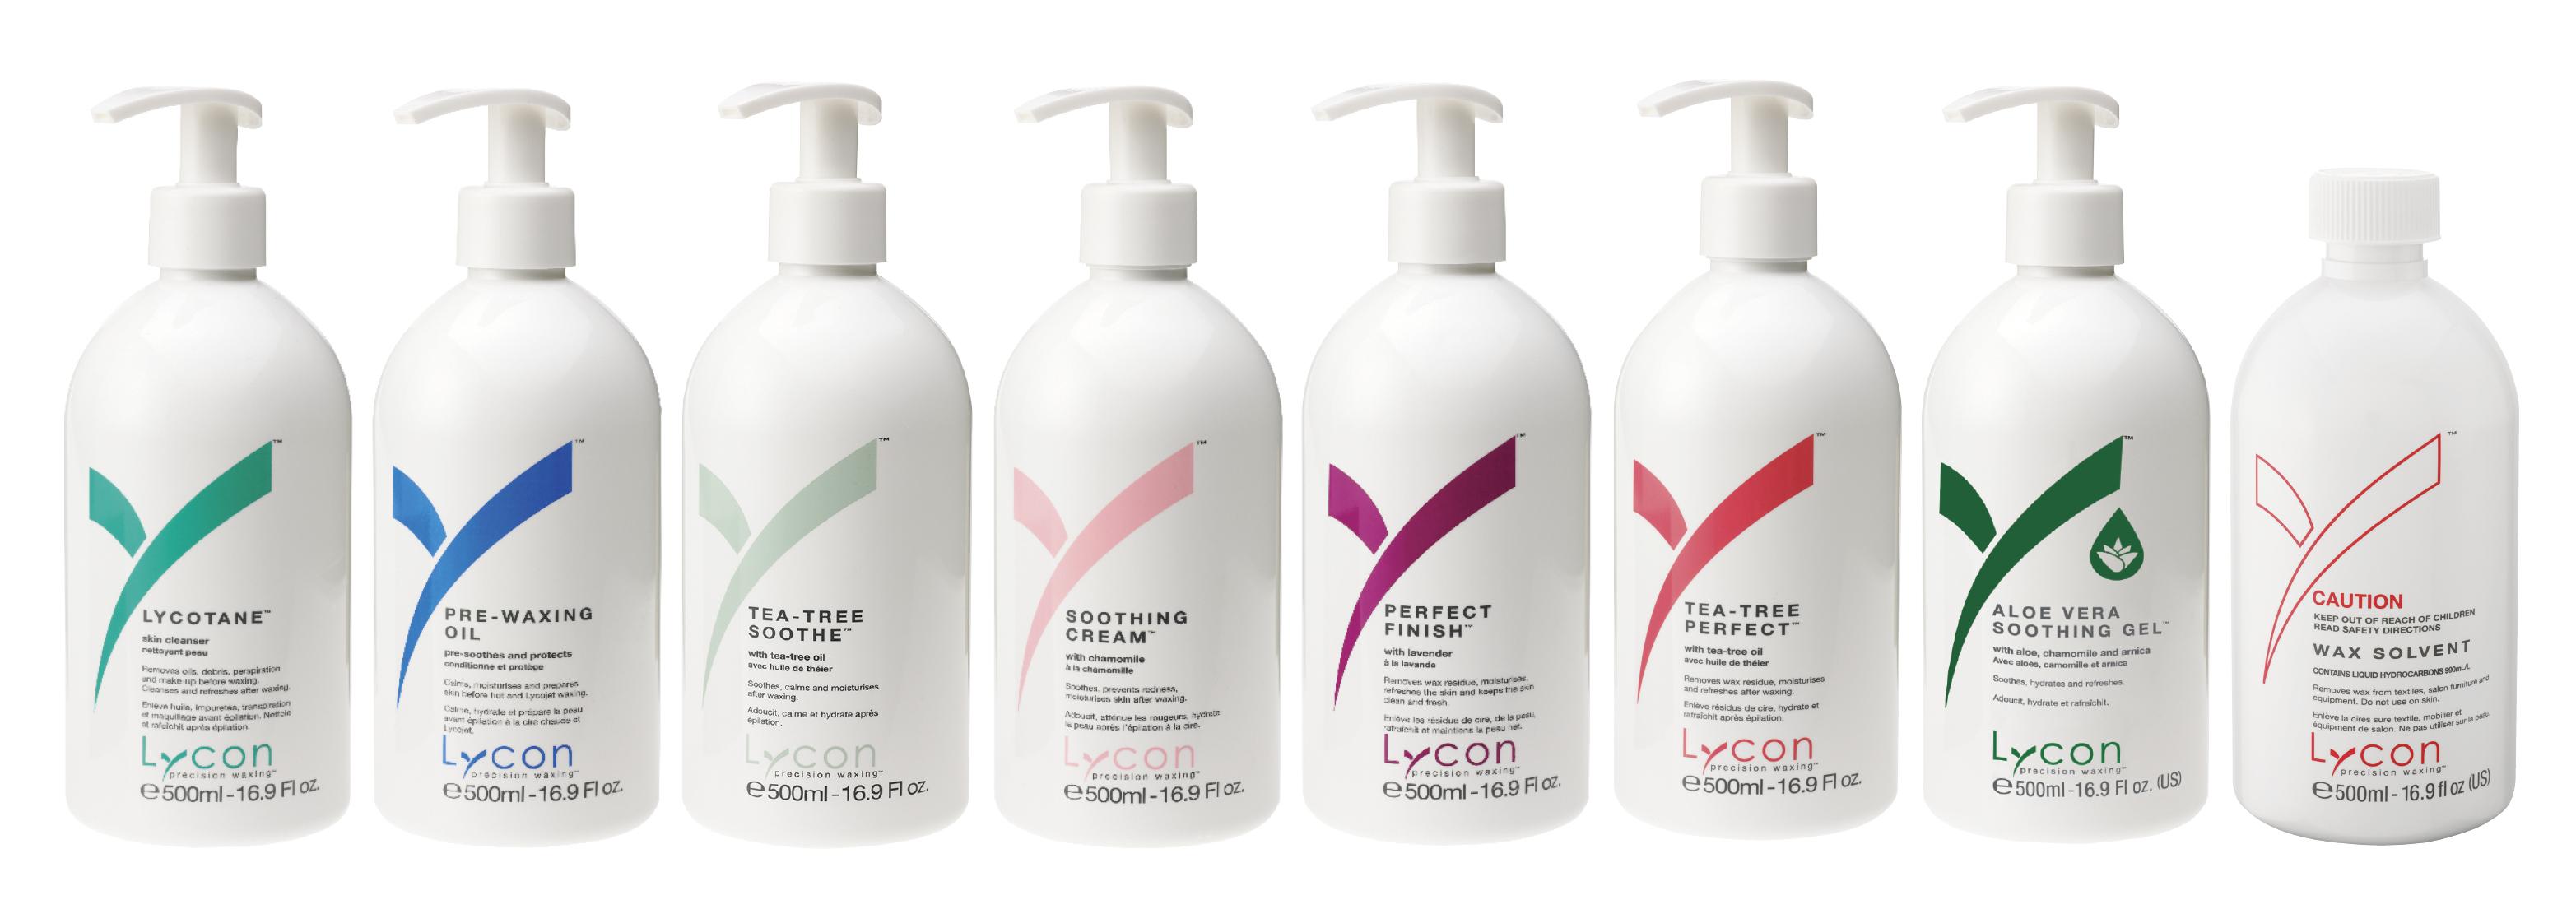 LYCON výrobky před/po epilaci